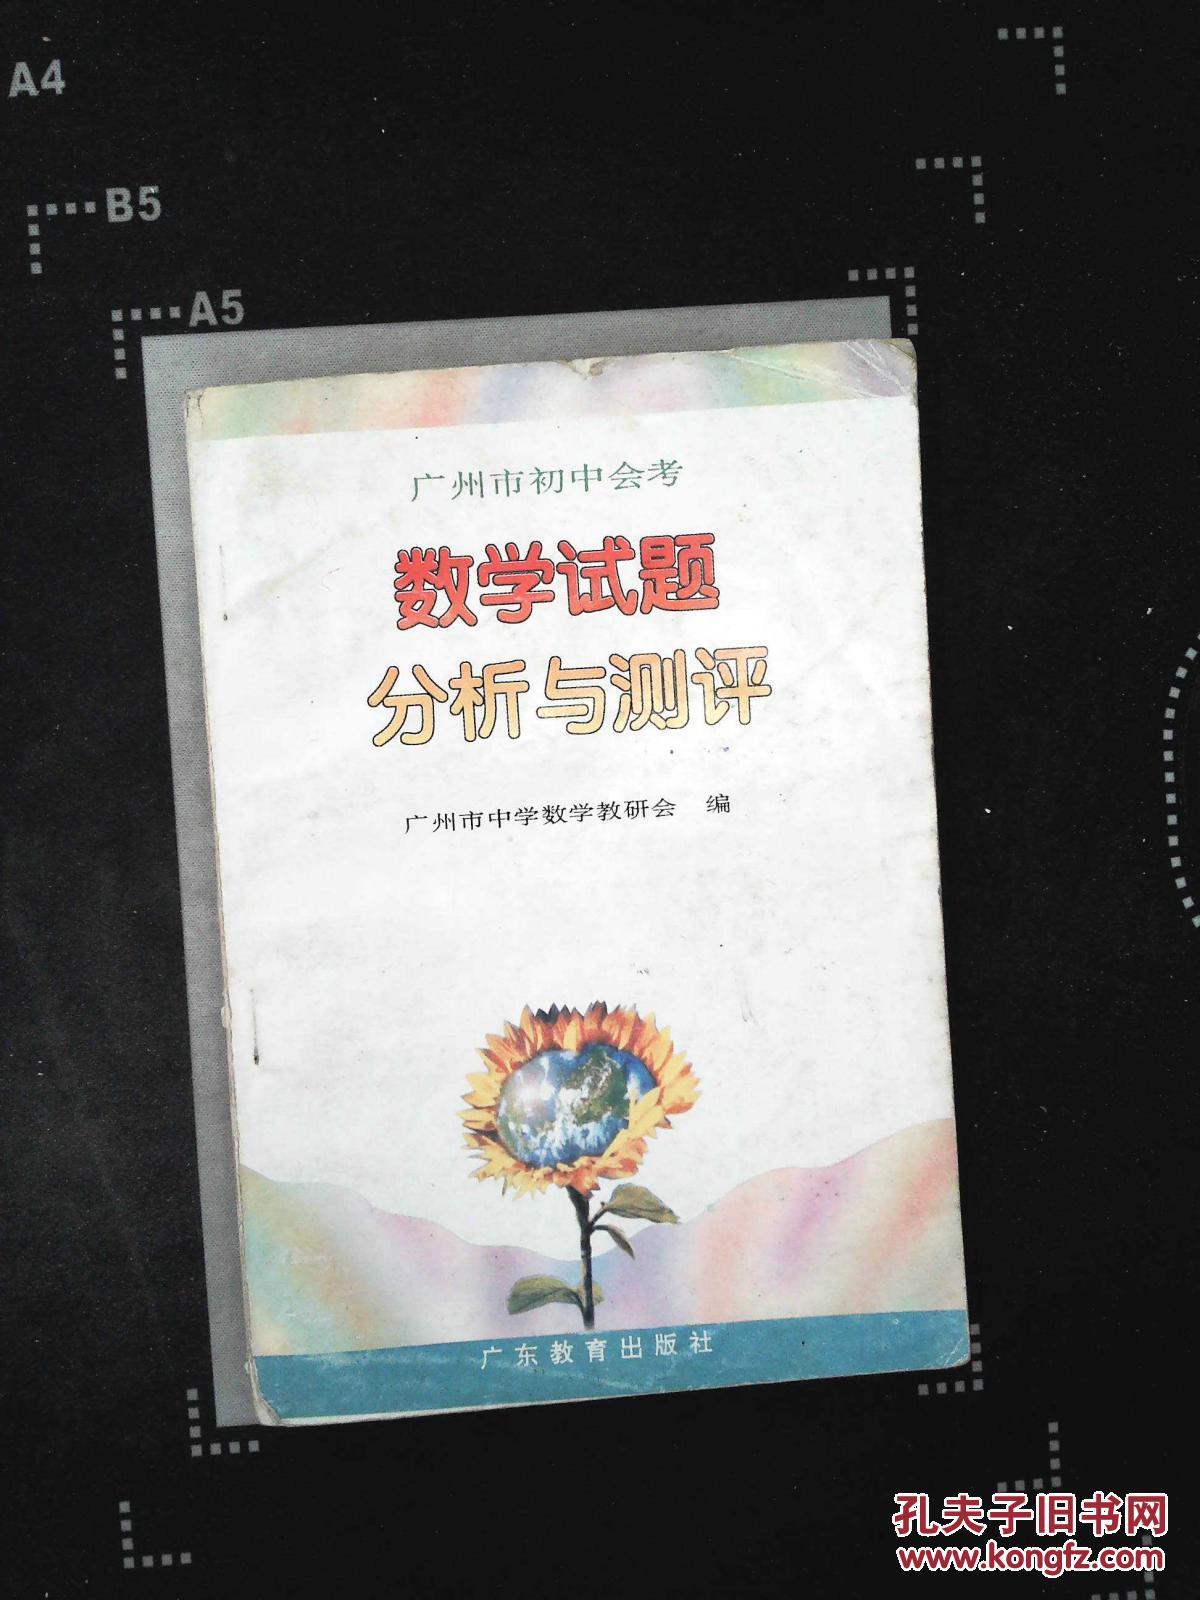 【图】广州市初中考数学试题实验与测评_广分析奎文潍坊初中图片